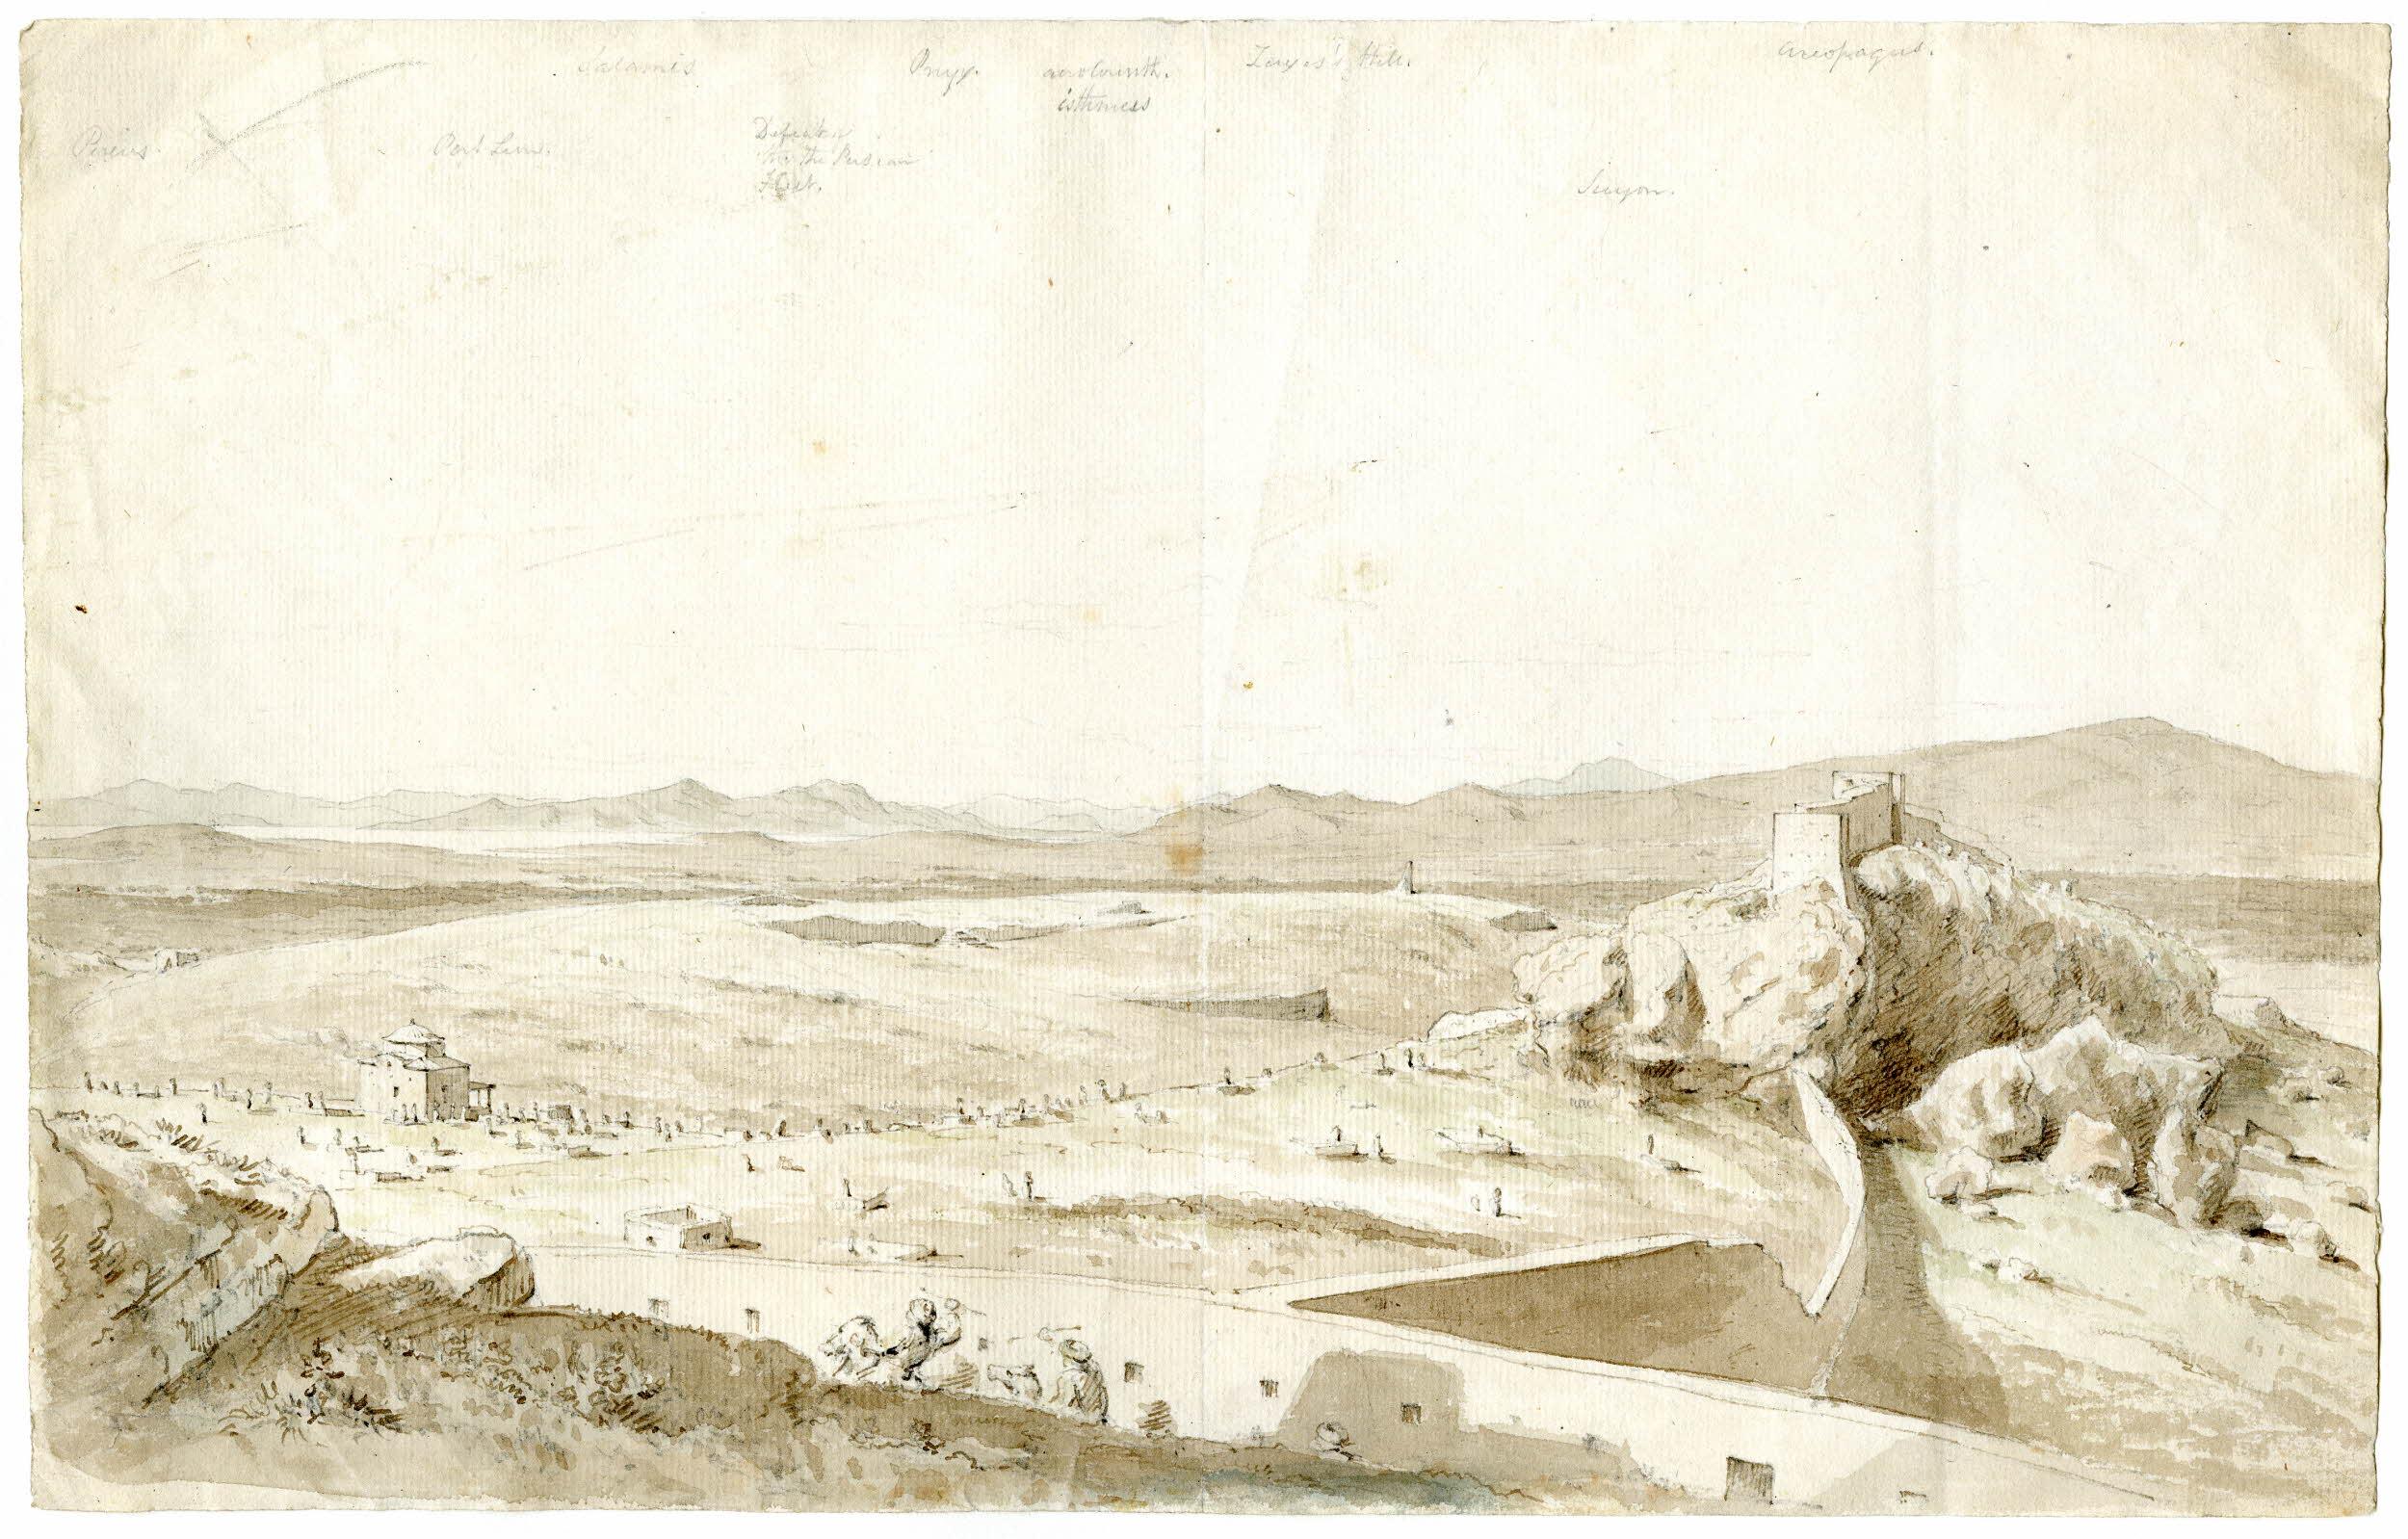 Το τείχος του Χασεκή (1778) συνδέει το Κάστρο με τον Άρειο Πάγο· έξω από το τείχος, το Μουσουλμανικό κοιμητήριο (The British Museum).